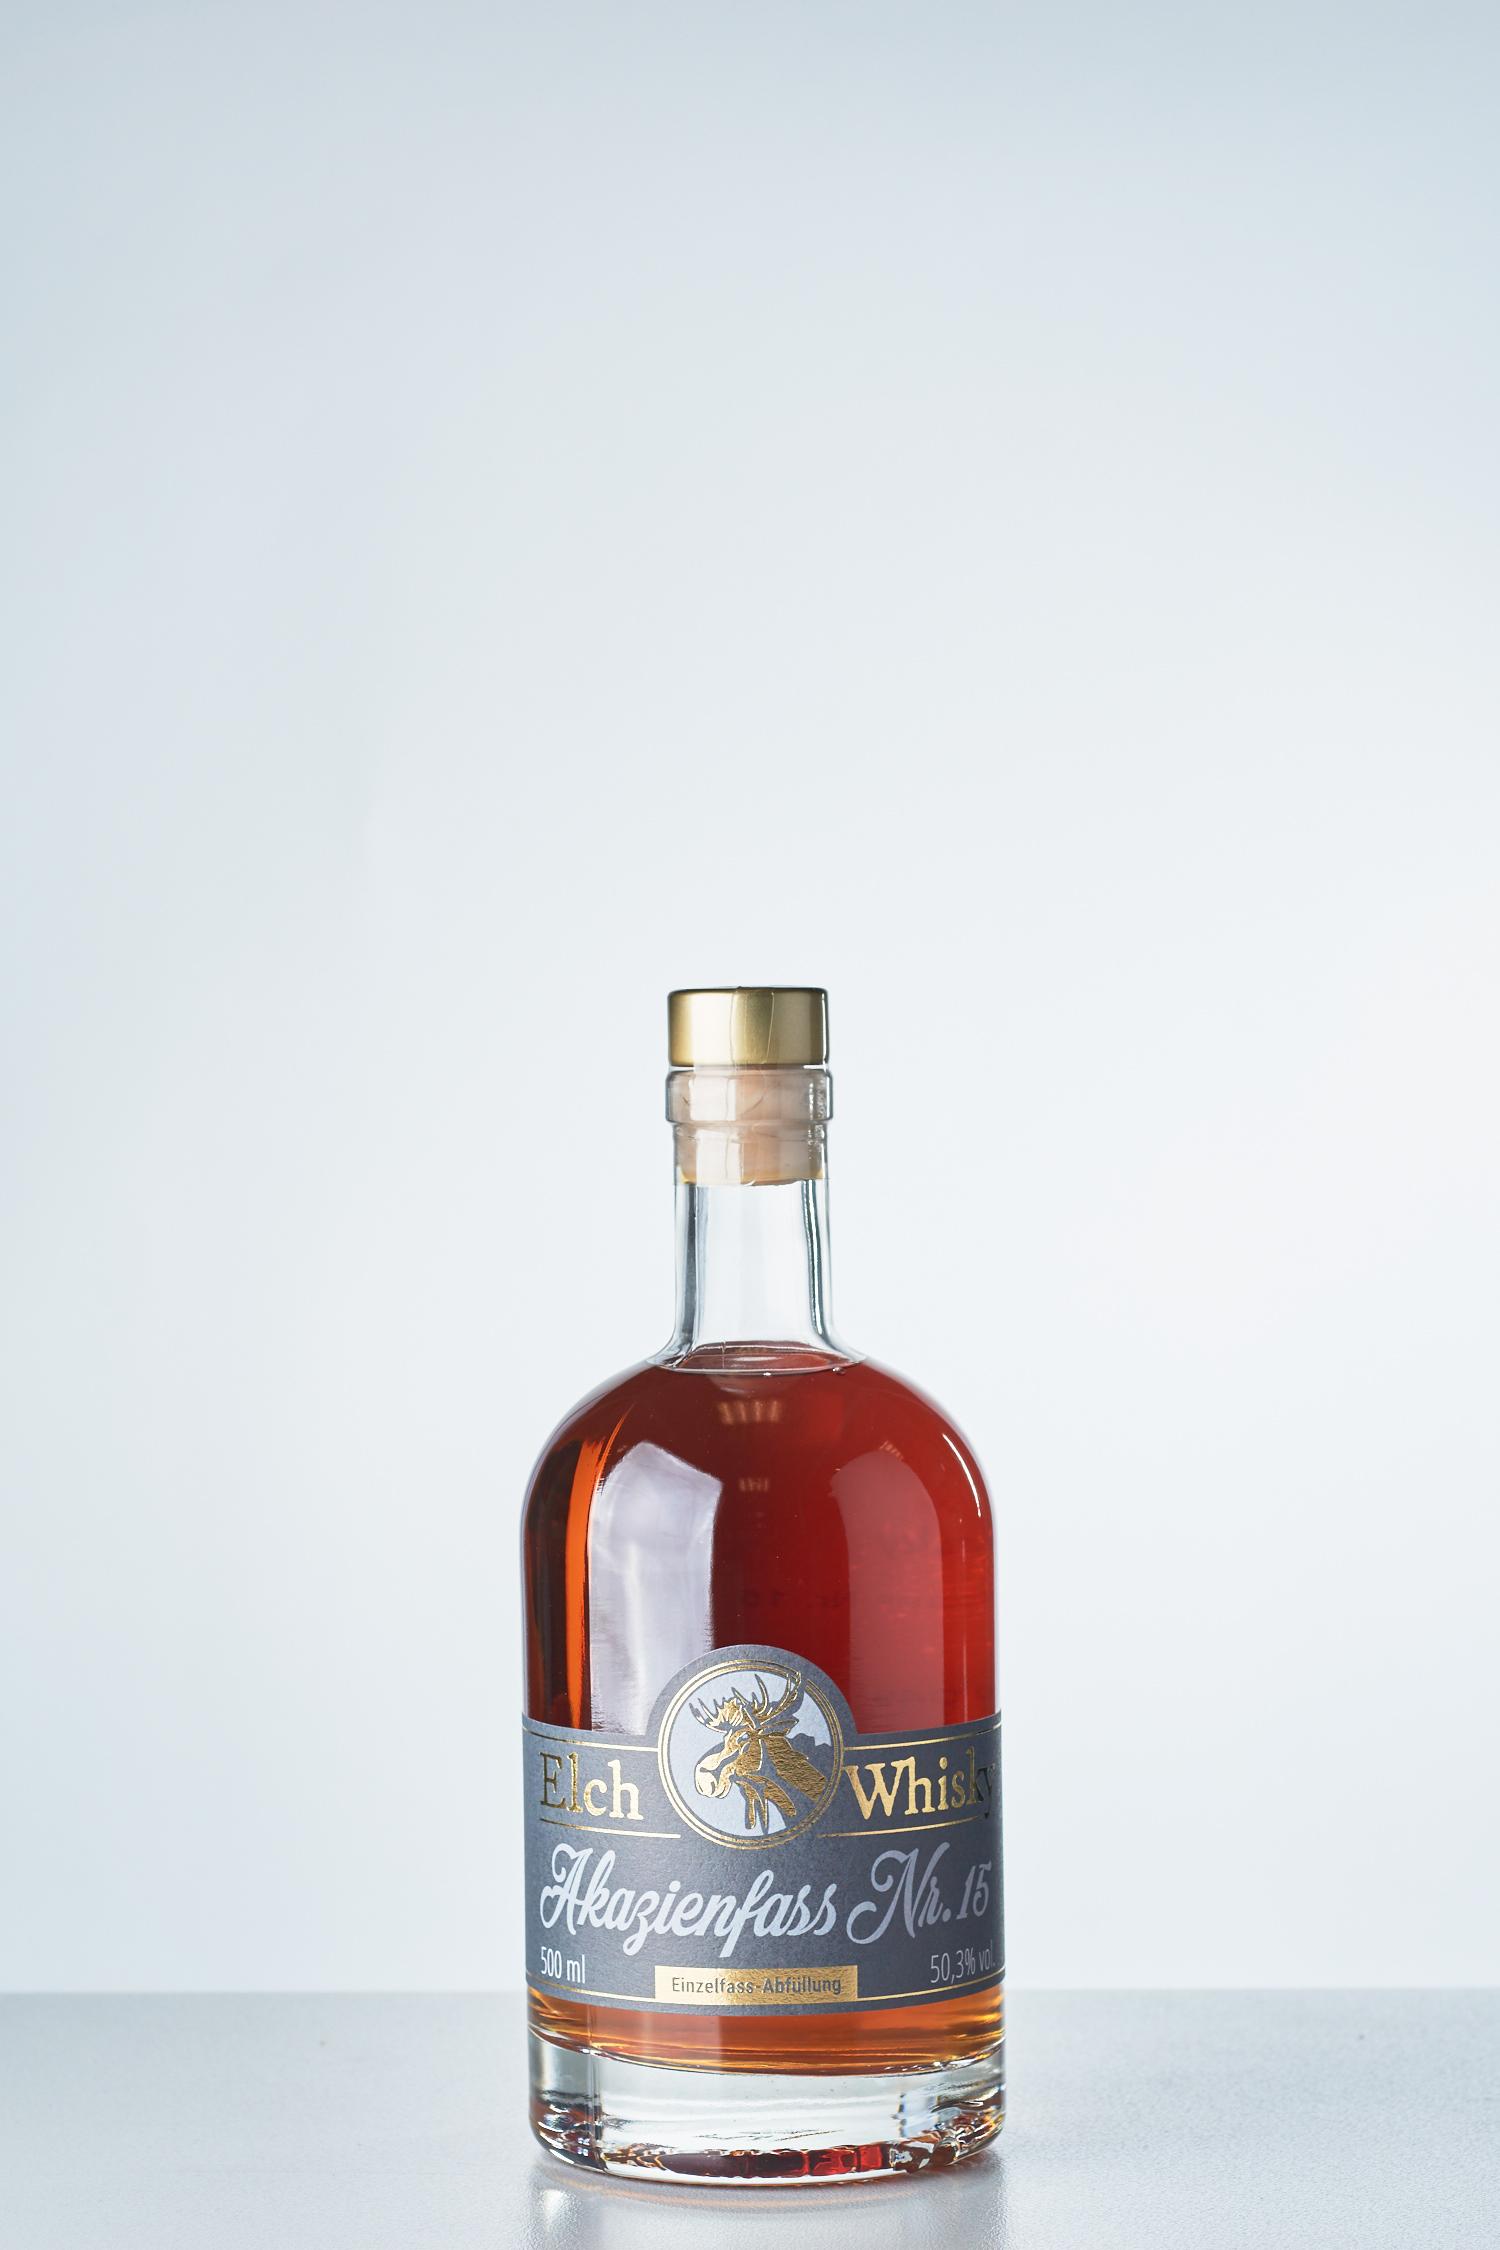 Elch-Whisky - Akazienfass Nr.15